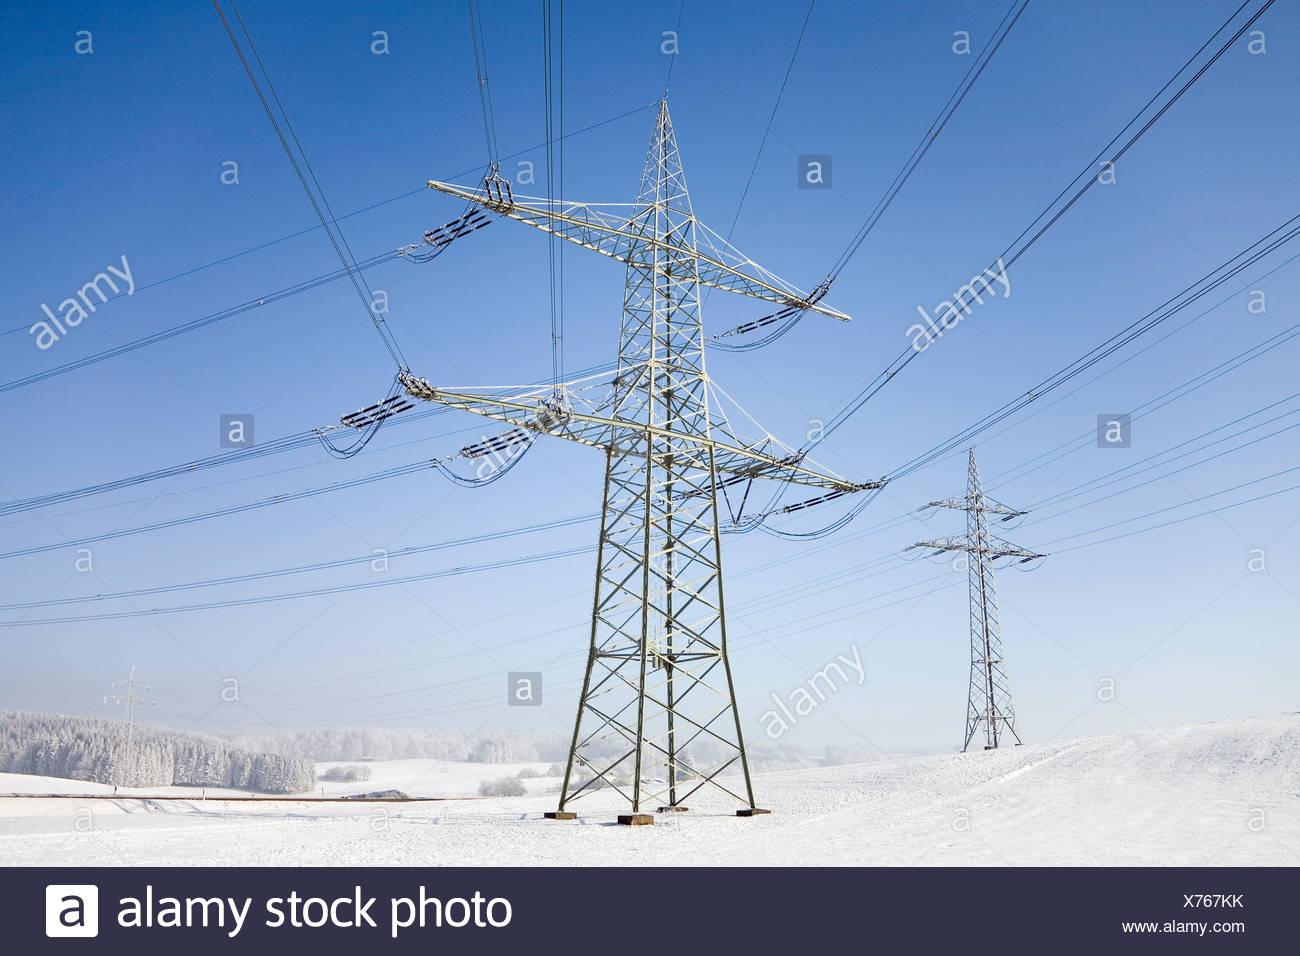 Grandi linee di trasmissione in inverno - il problema del carico neve Foto Stock